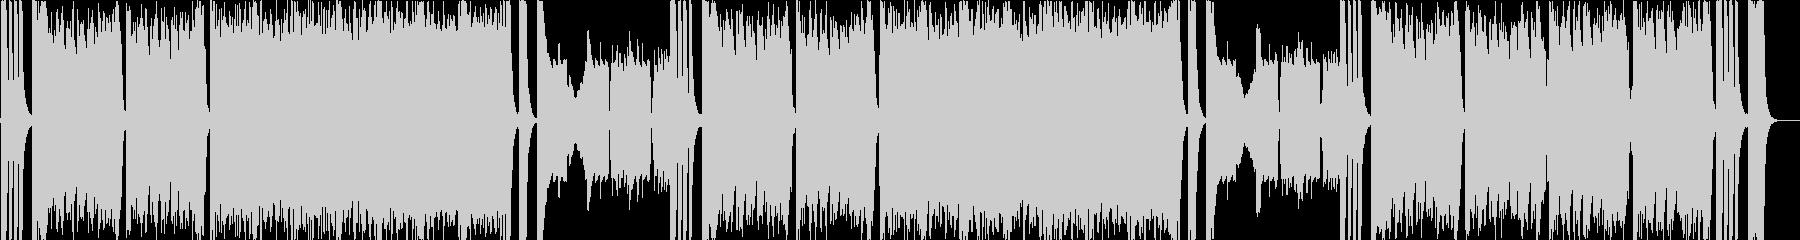 ハプニングやドタバタシーンのコミカル曲bの未再生の波形